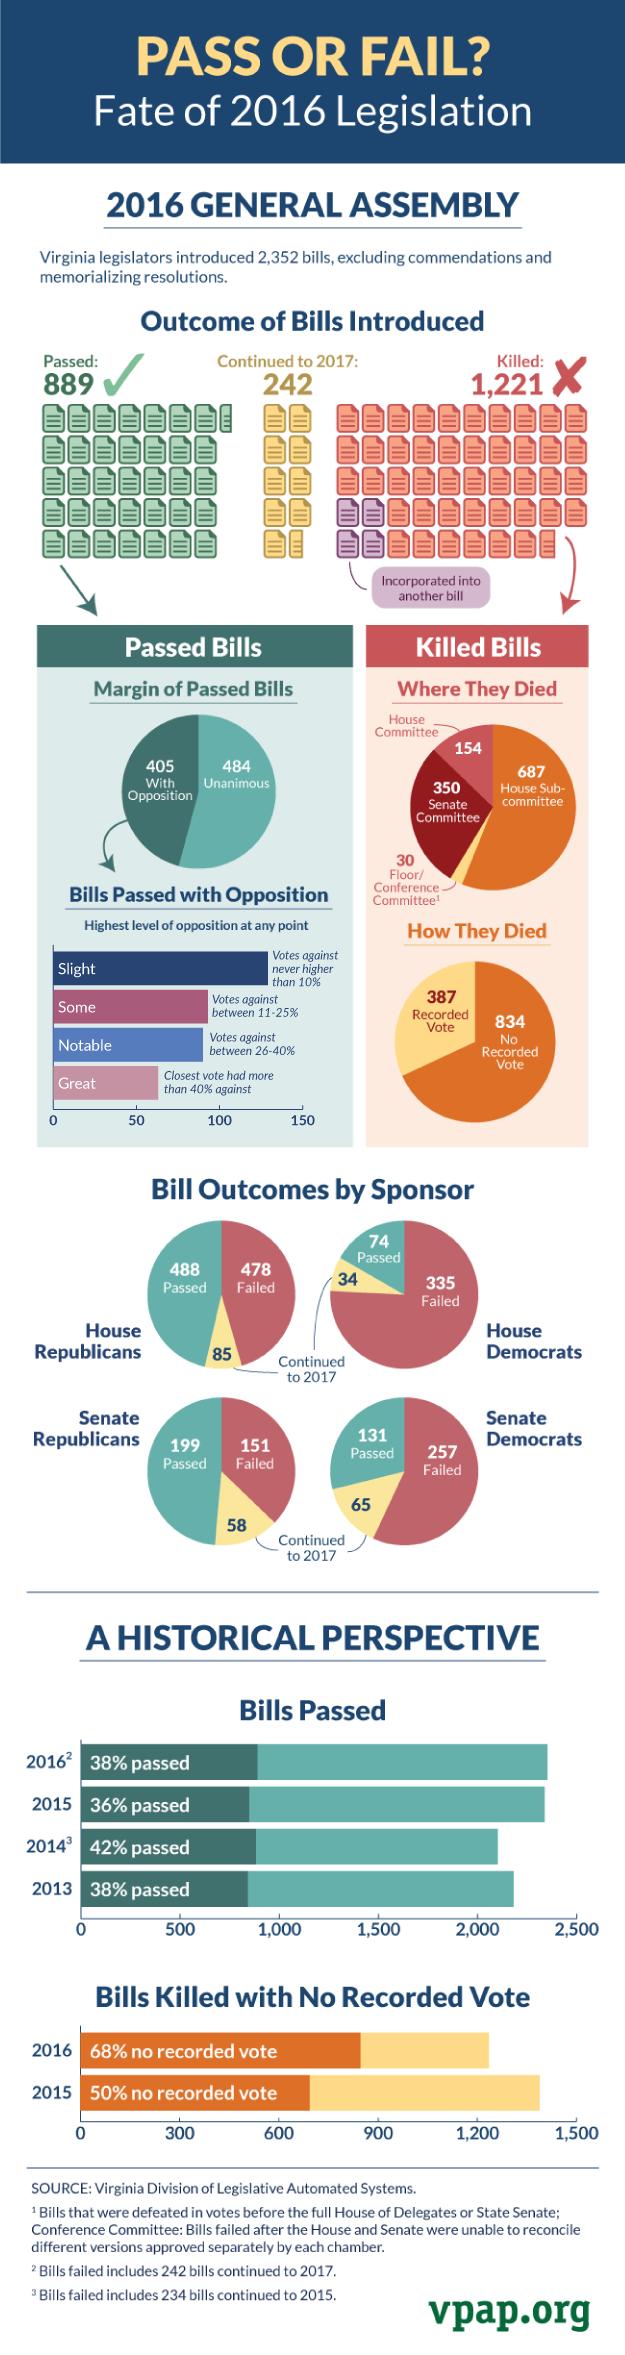 Pass or Fail? Fate of 2016 Legislation